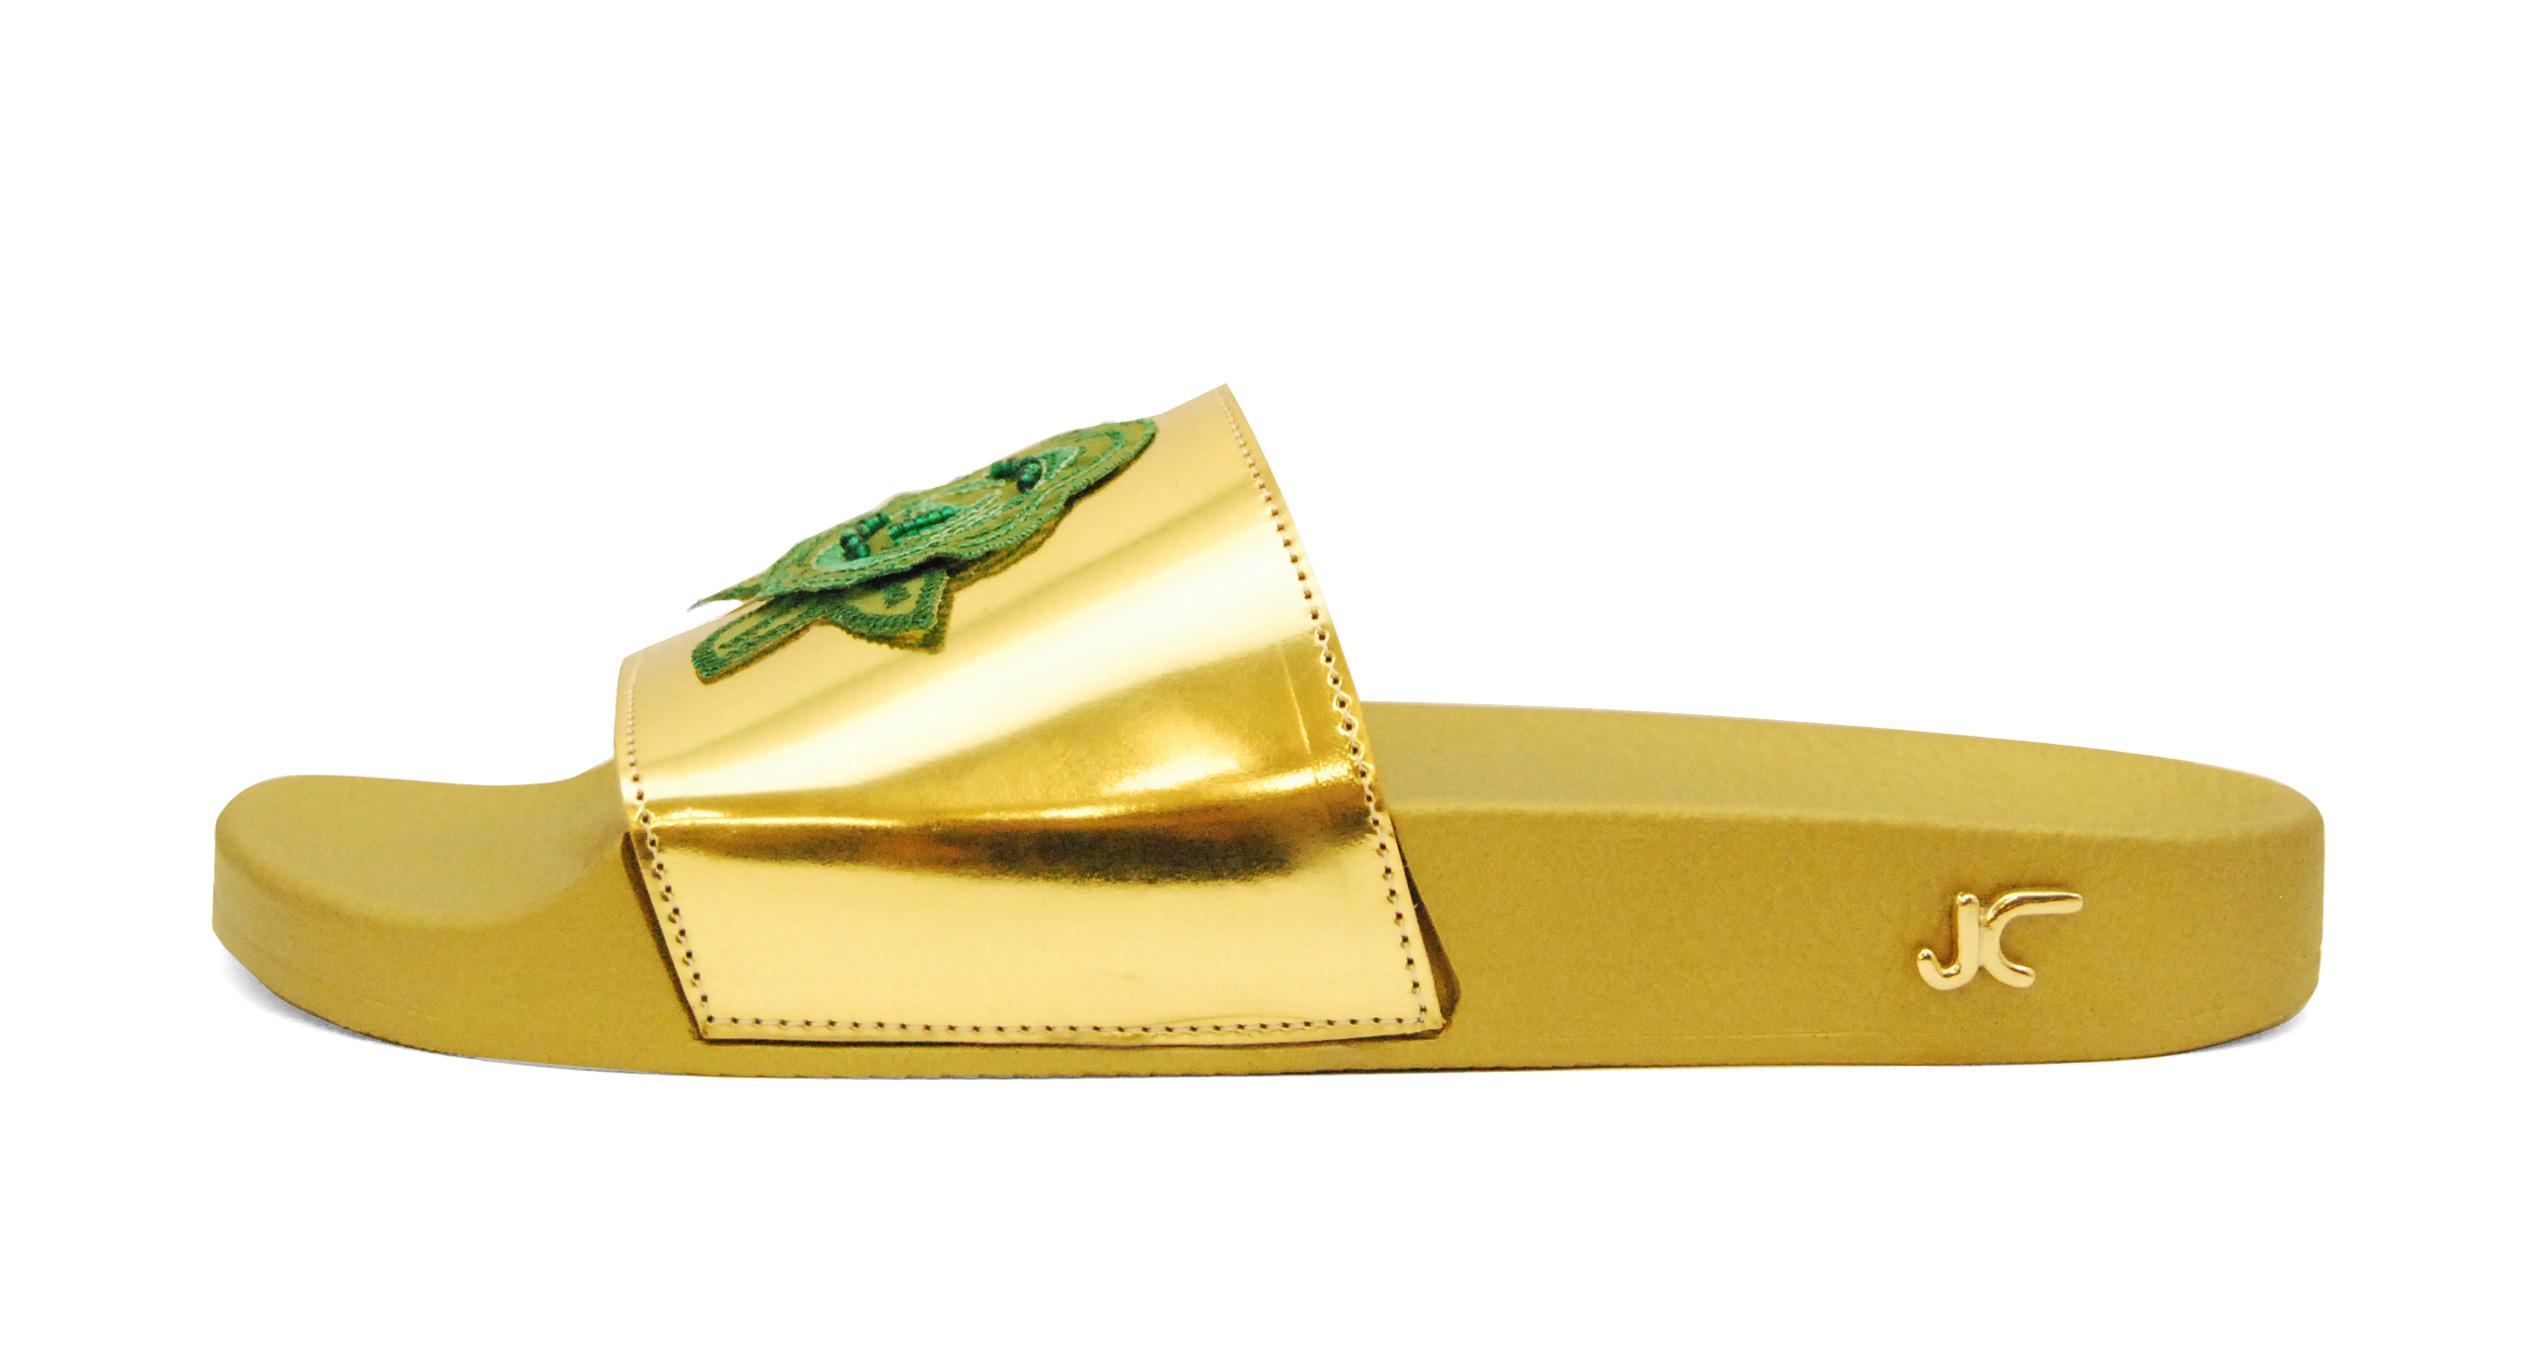 Foto 1 de Chancla dorada pala flor verde